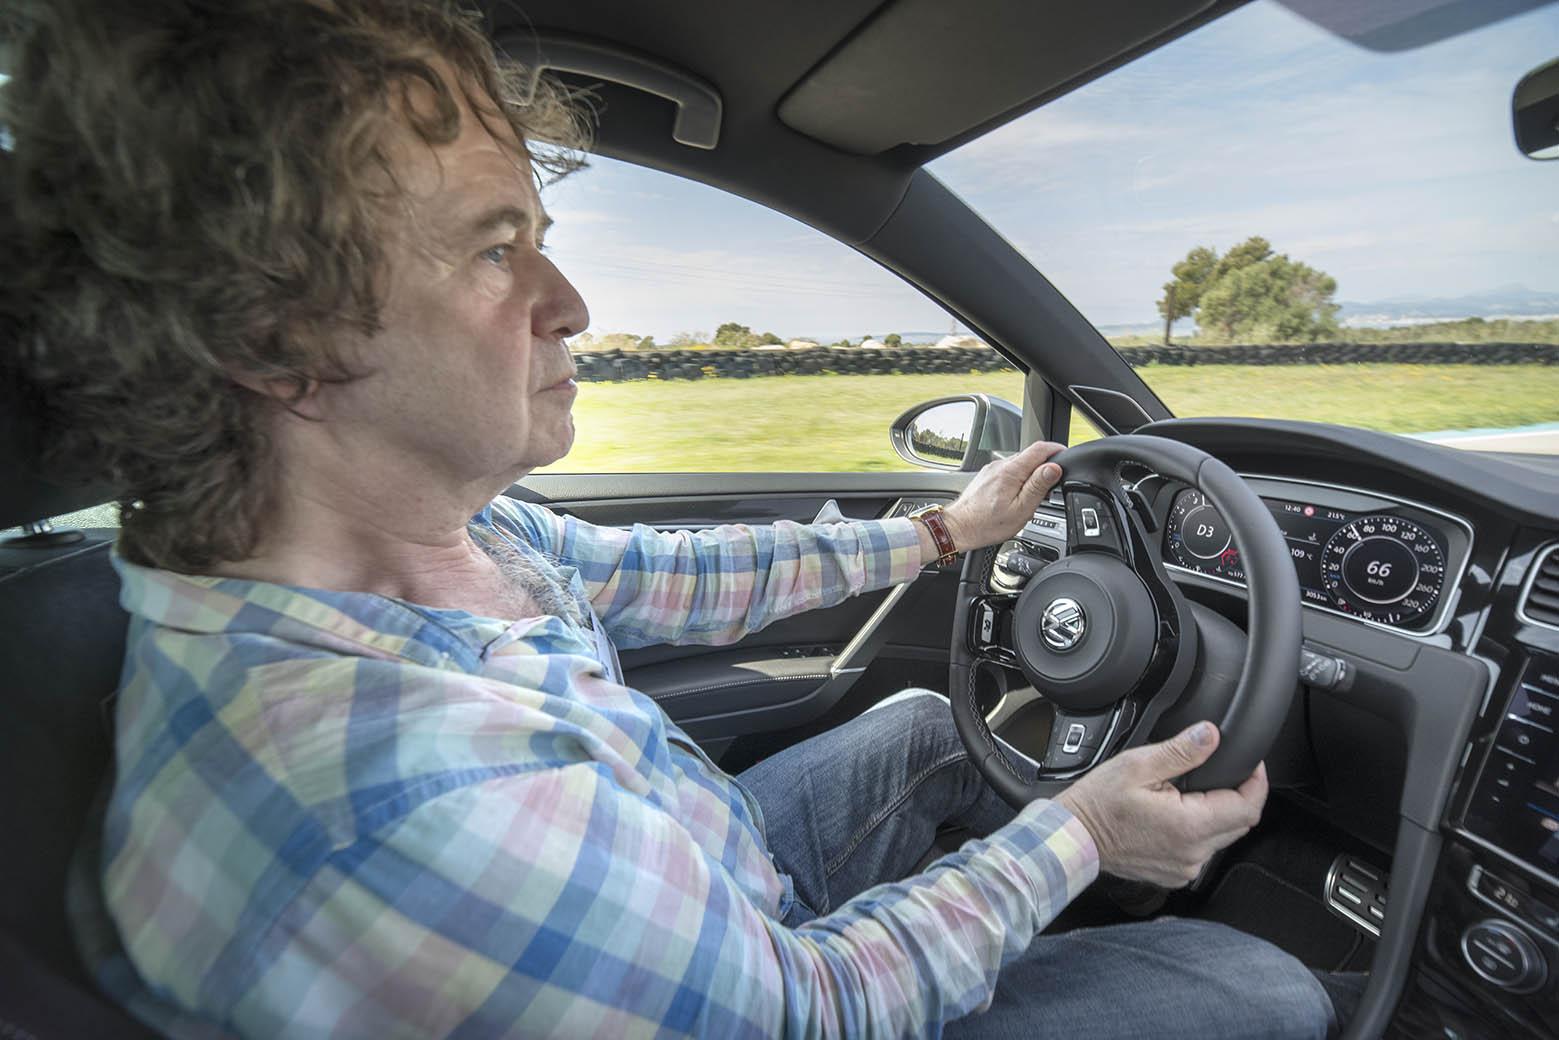 Det är med händerna på ratten man känner skillnaden i en Golf R. Bilen är fyrhjulsdriven och har ett chassi som pallar hårdkörning.